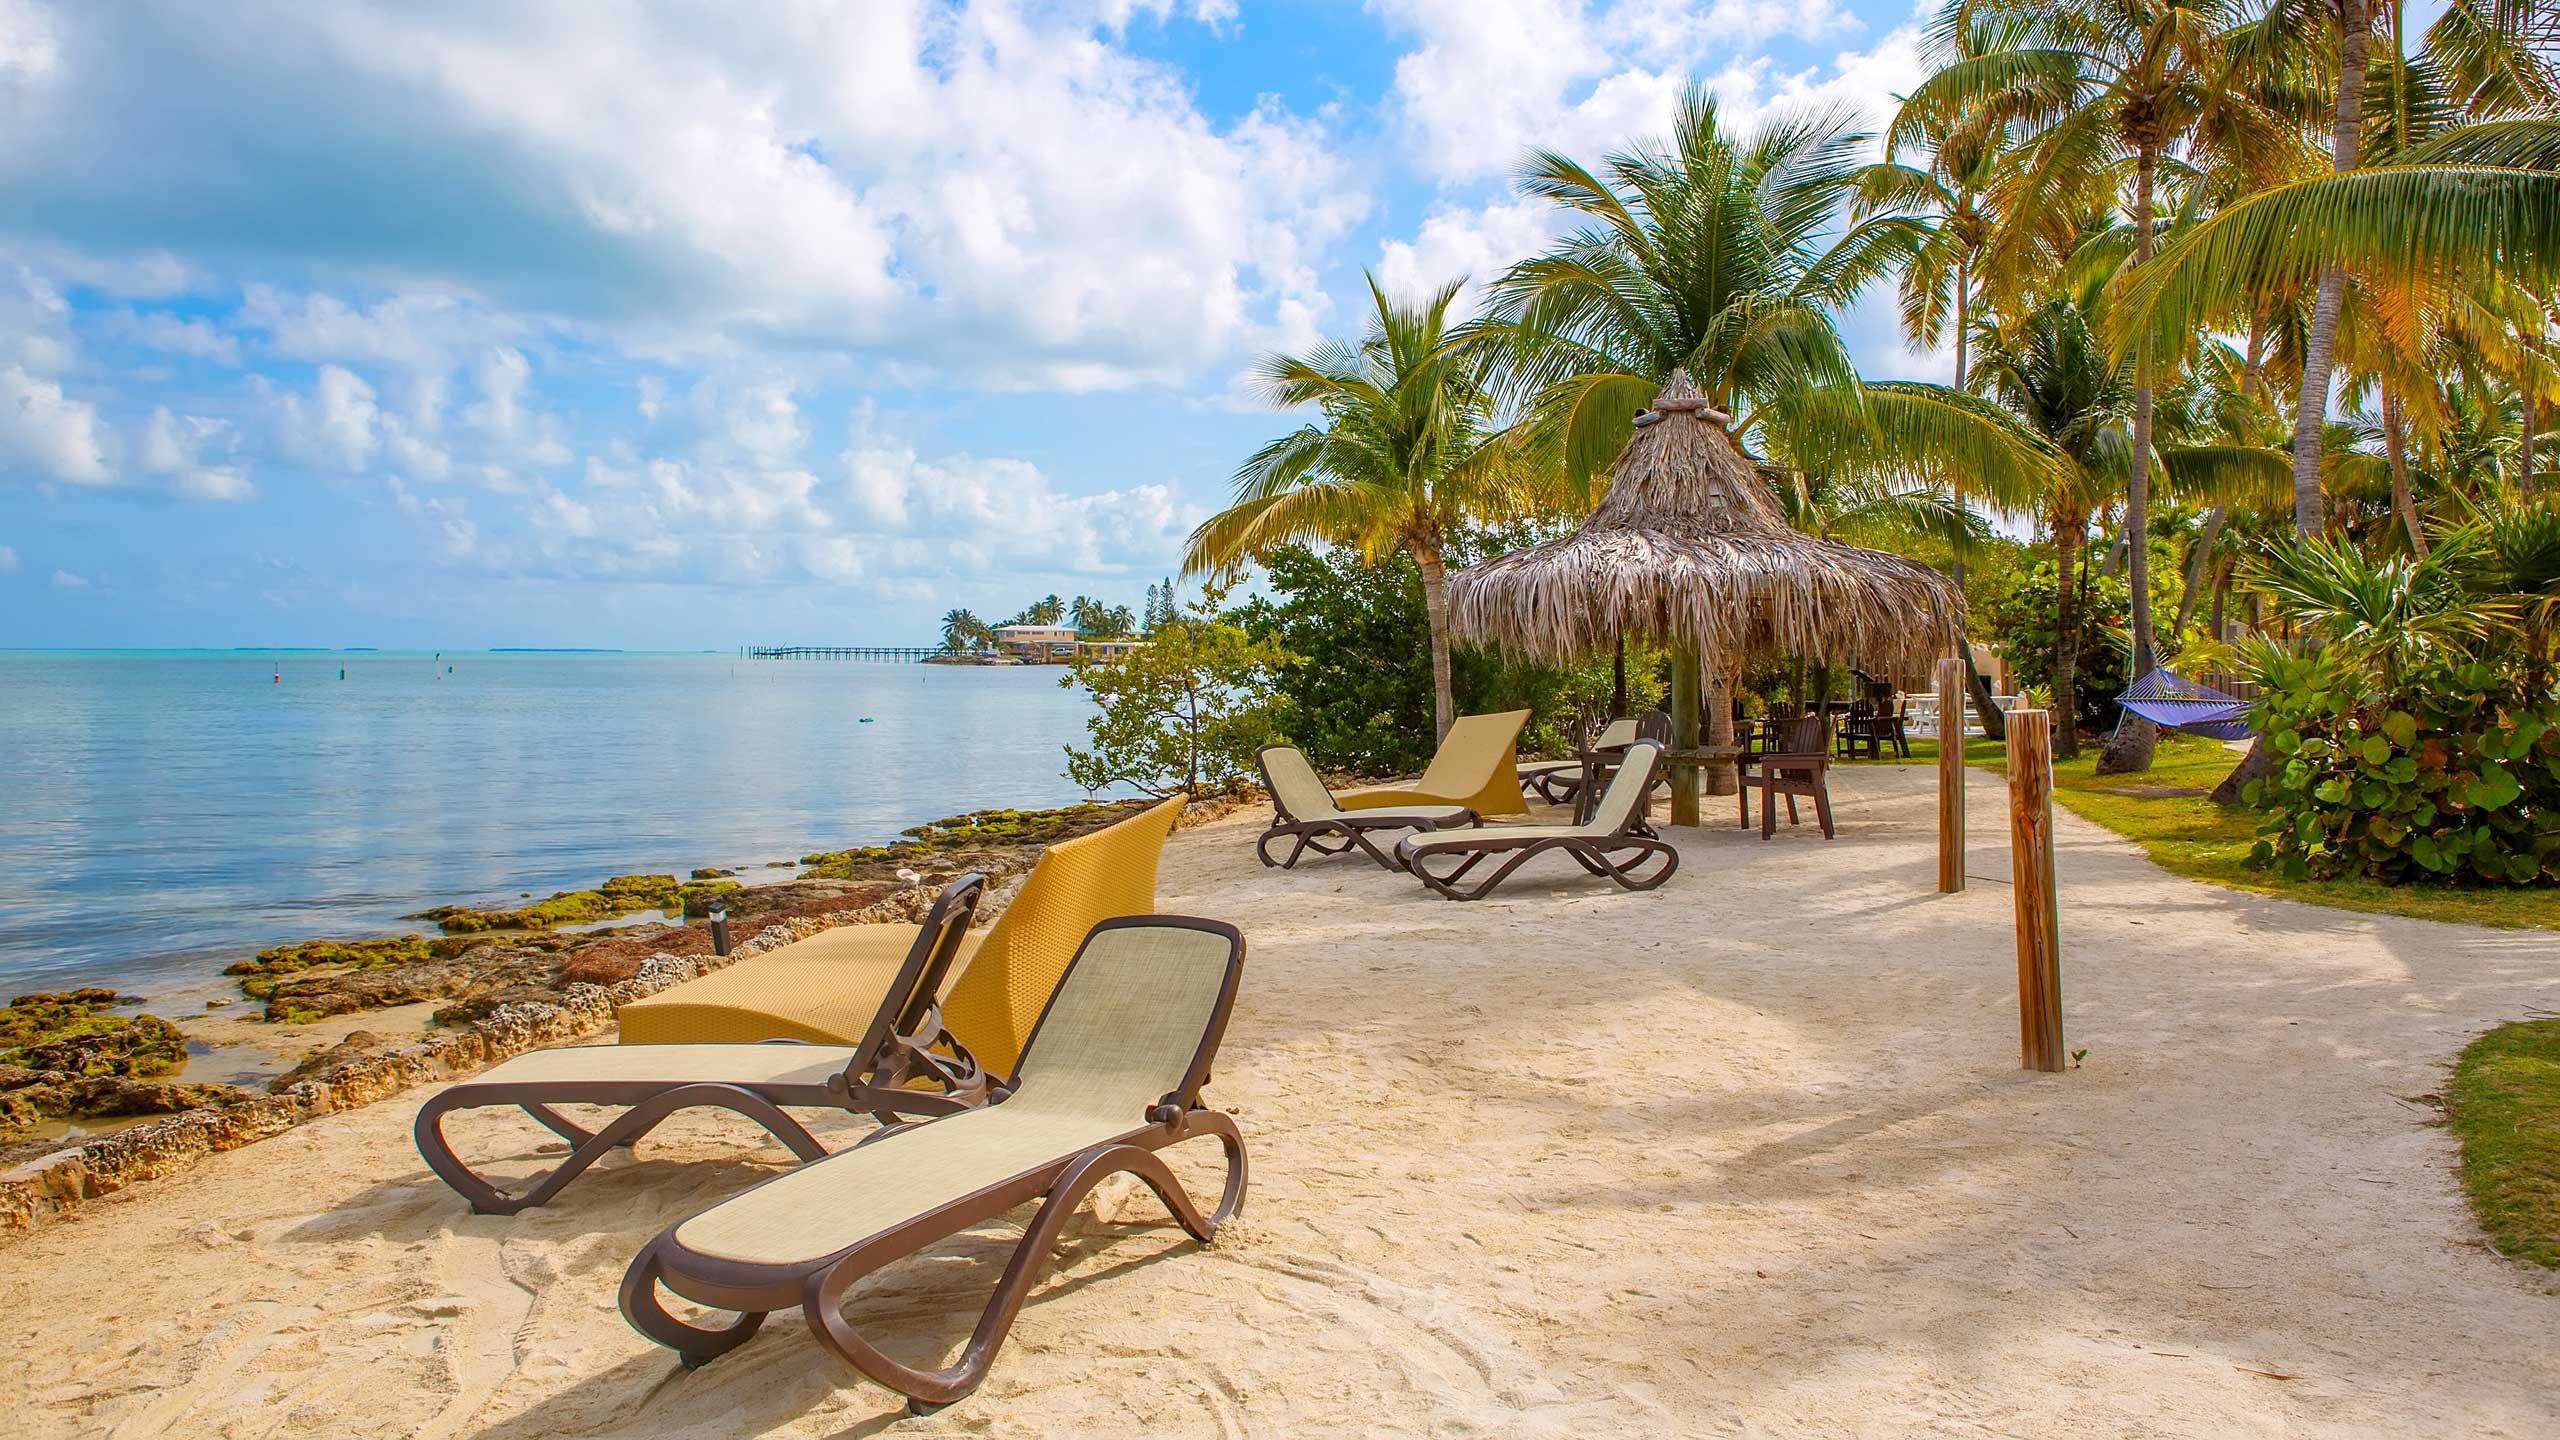 Florida Keys Real Estate Lifestyle Photo 01